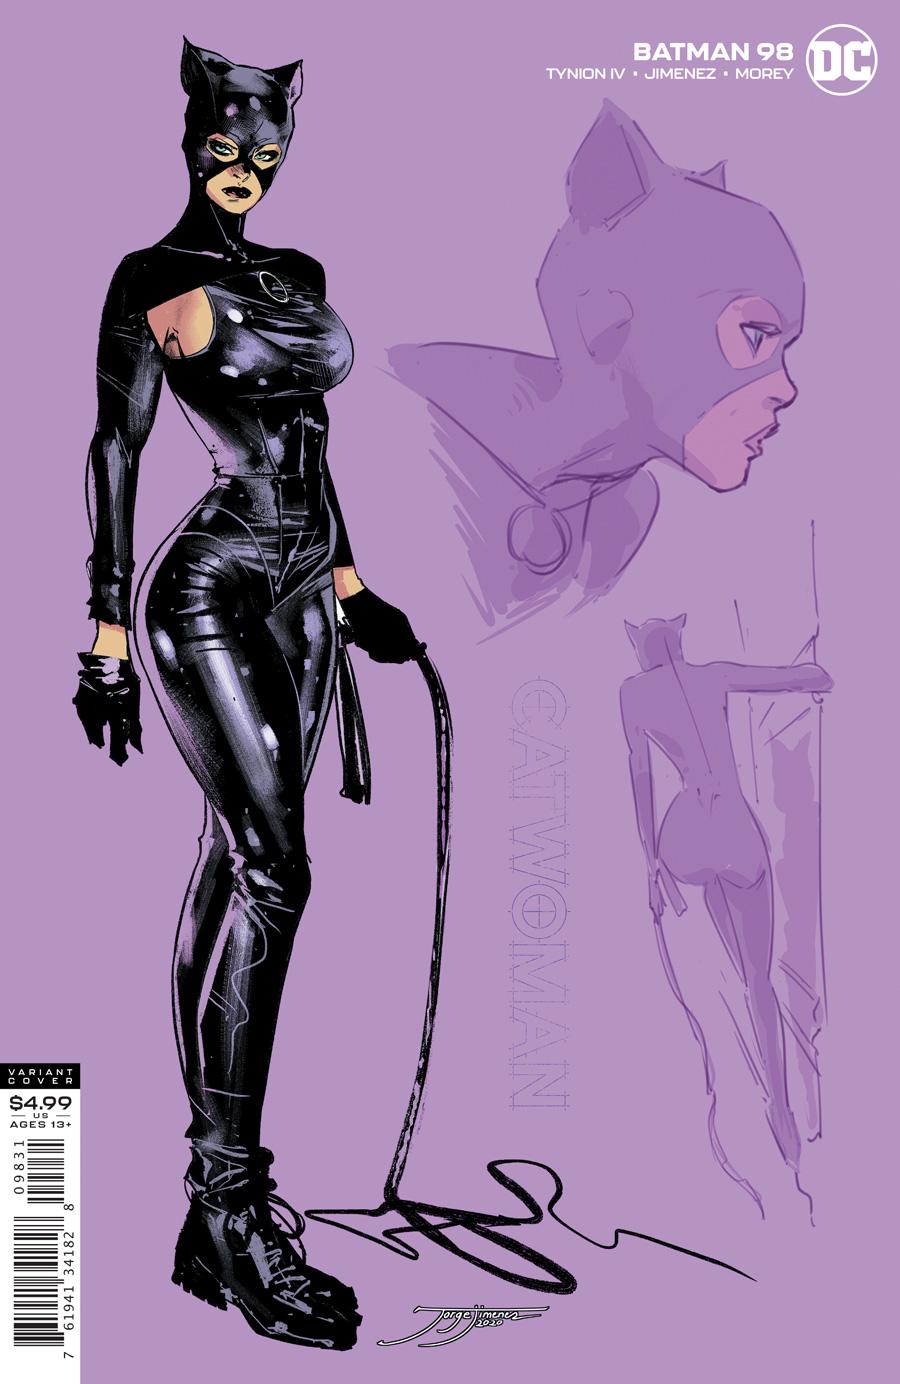 Batman Vol 3 #98 Cover C 1:25 Jorge Jimenez Catwoman Variant